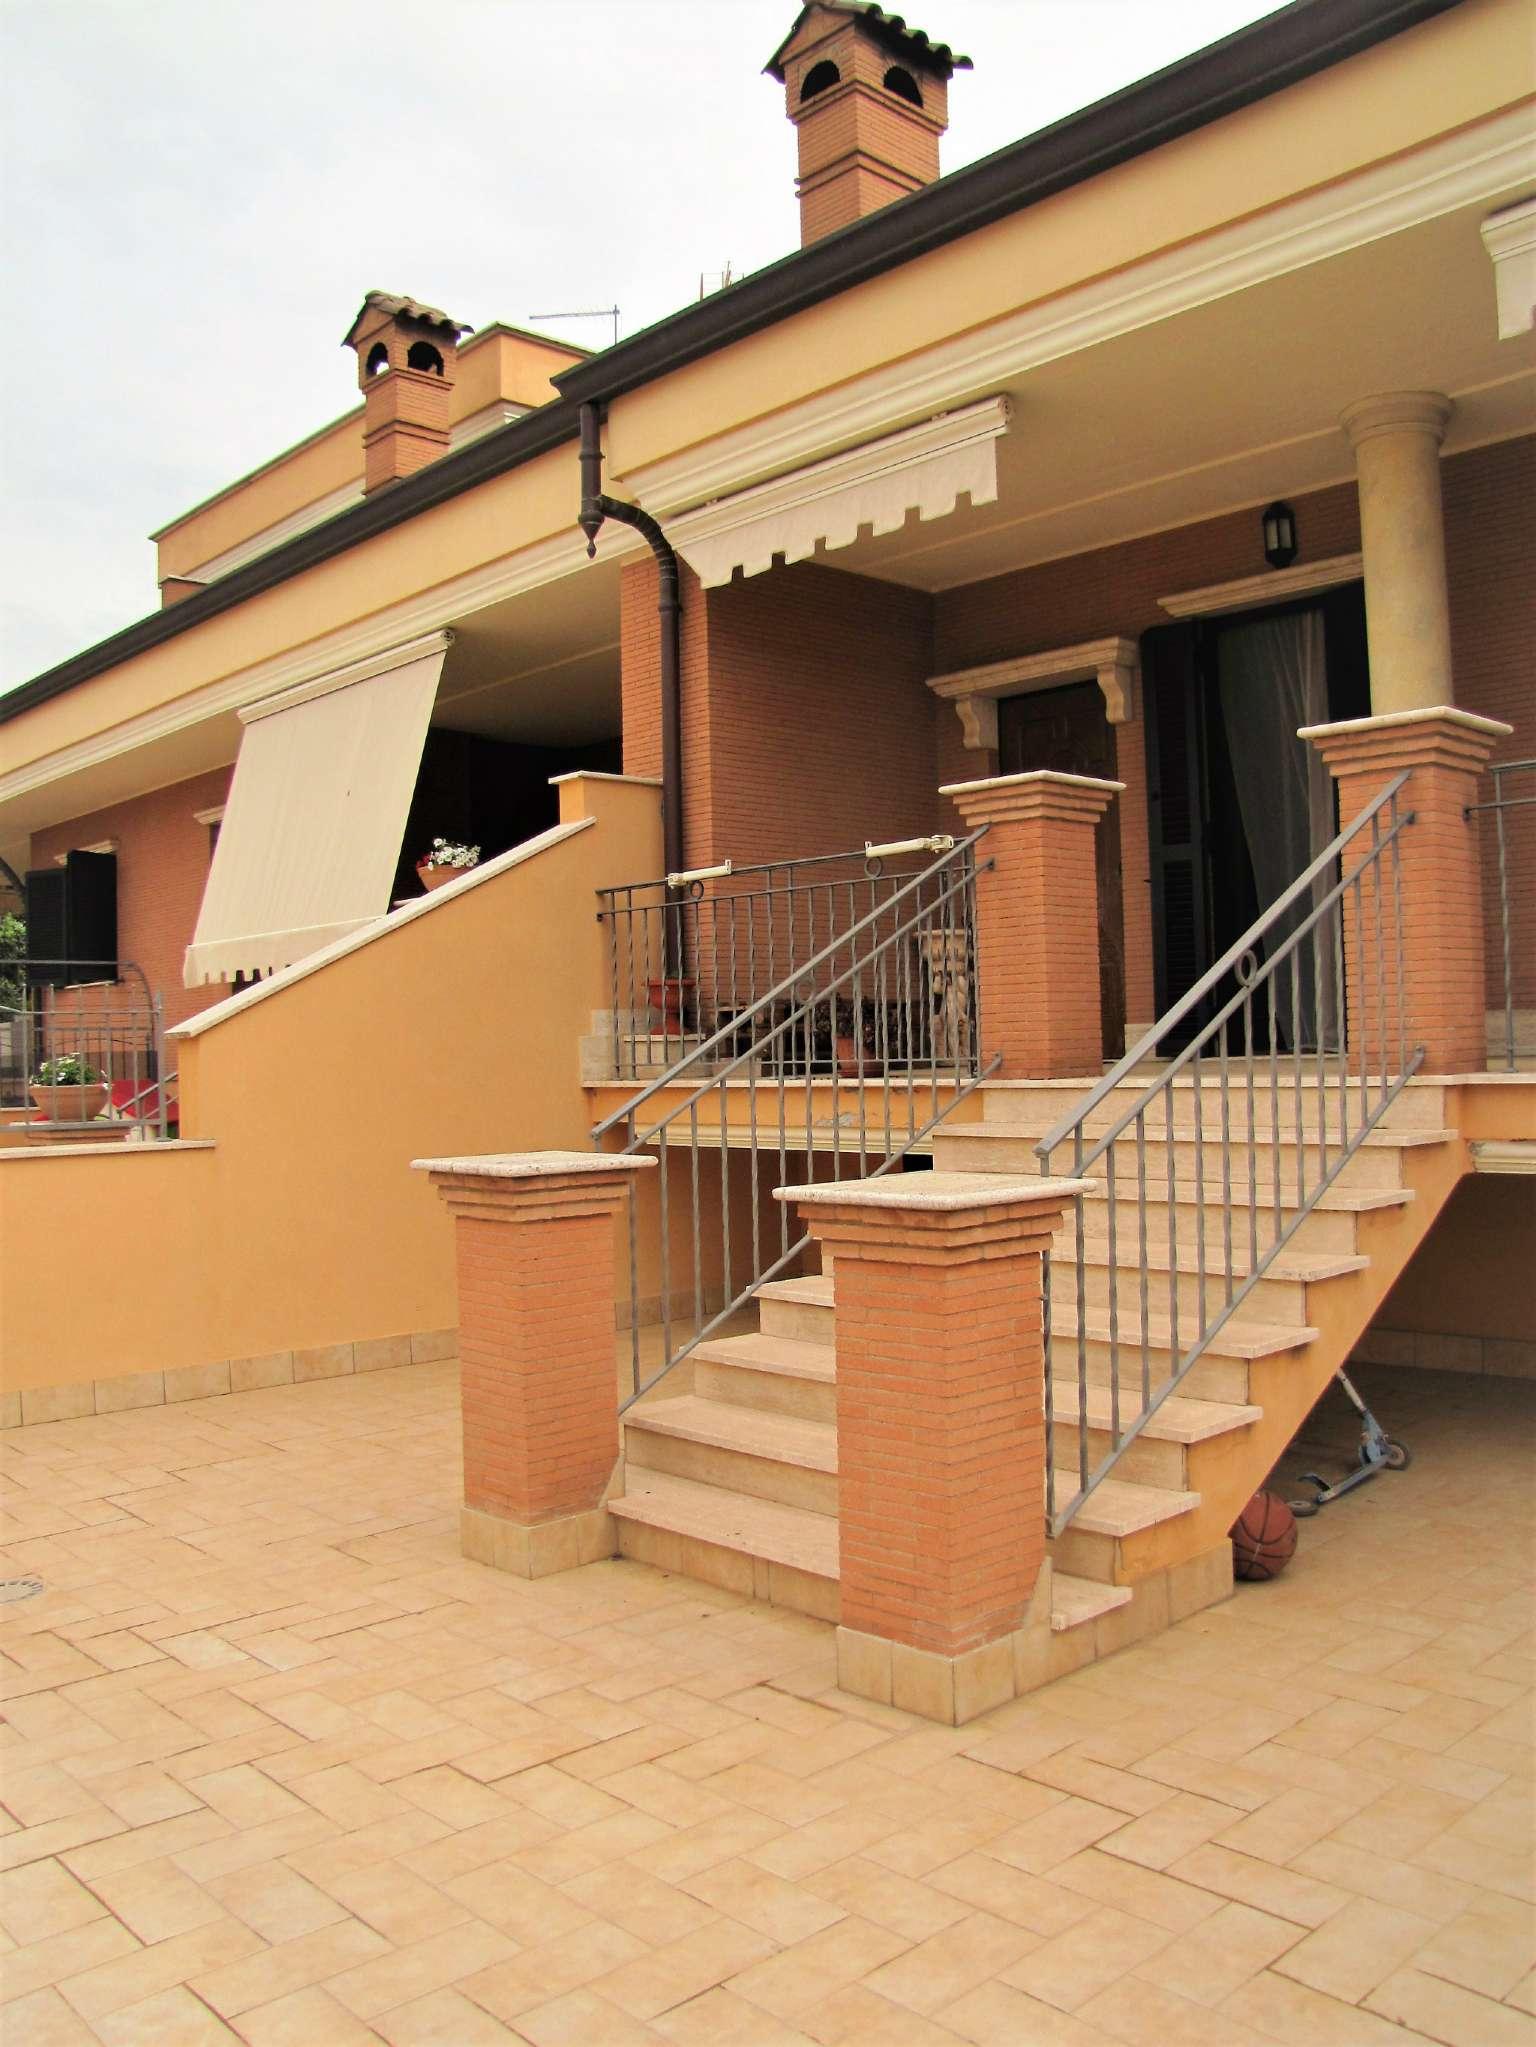 Foto 4 di Villa a Schiera via MITTA 6, Roma (zona Finocchio - Torre Gaia - Tor Vergata)